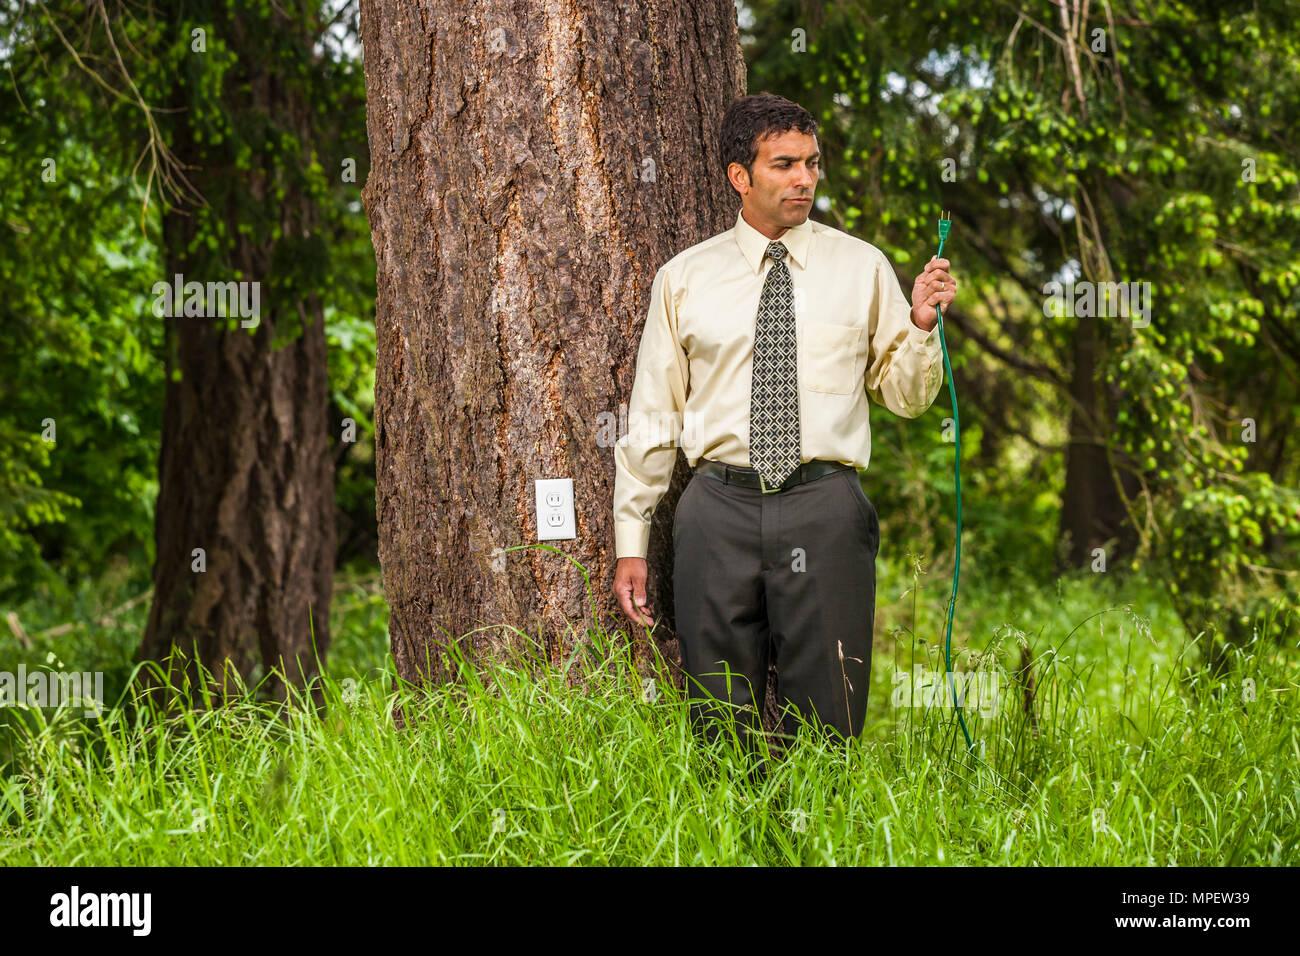 Konzeptionelle geschossen von einem Geschäftsmann mit einem grünen Kabel mit einer Steckdose im Baum neben ihm. Zur Veranschaulichung von Green Power. Stockbild